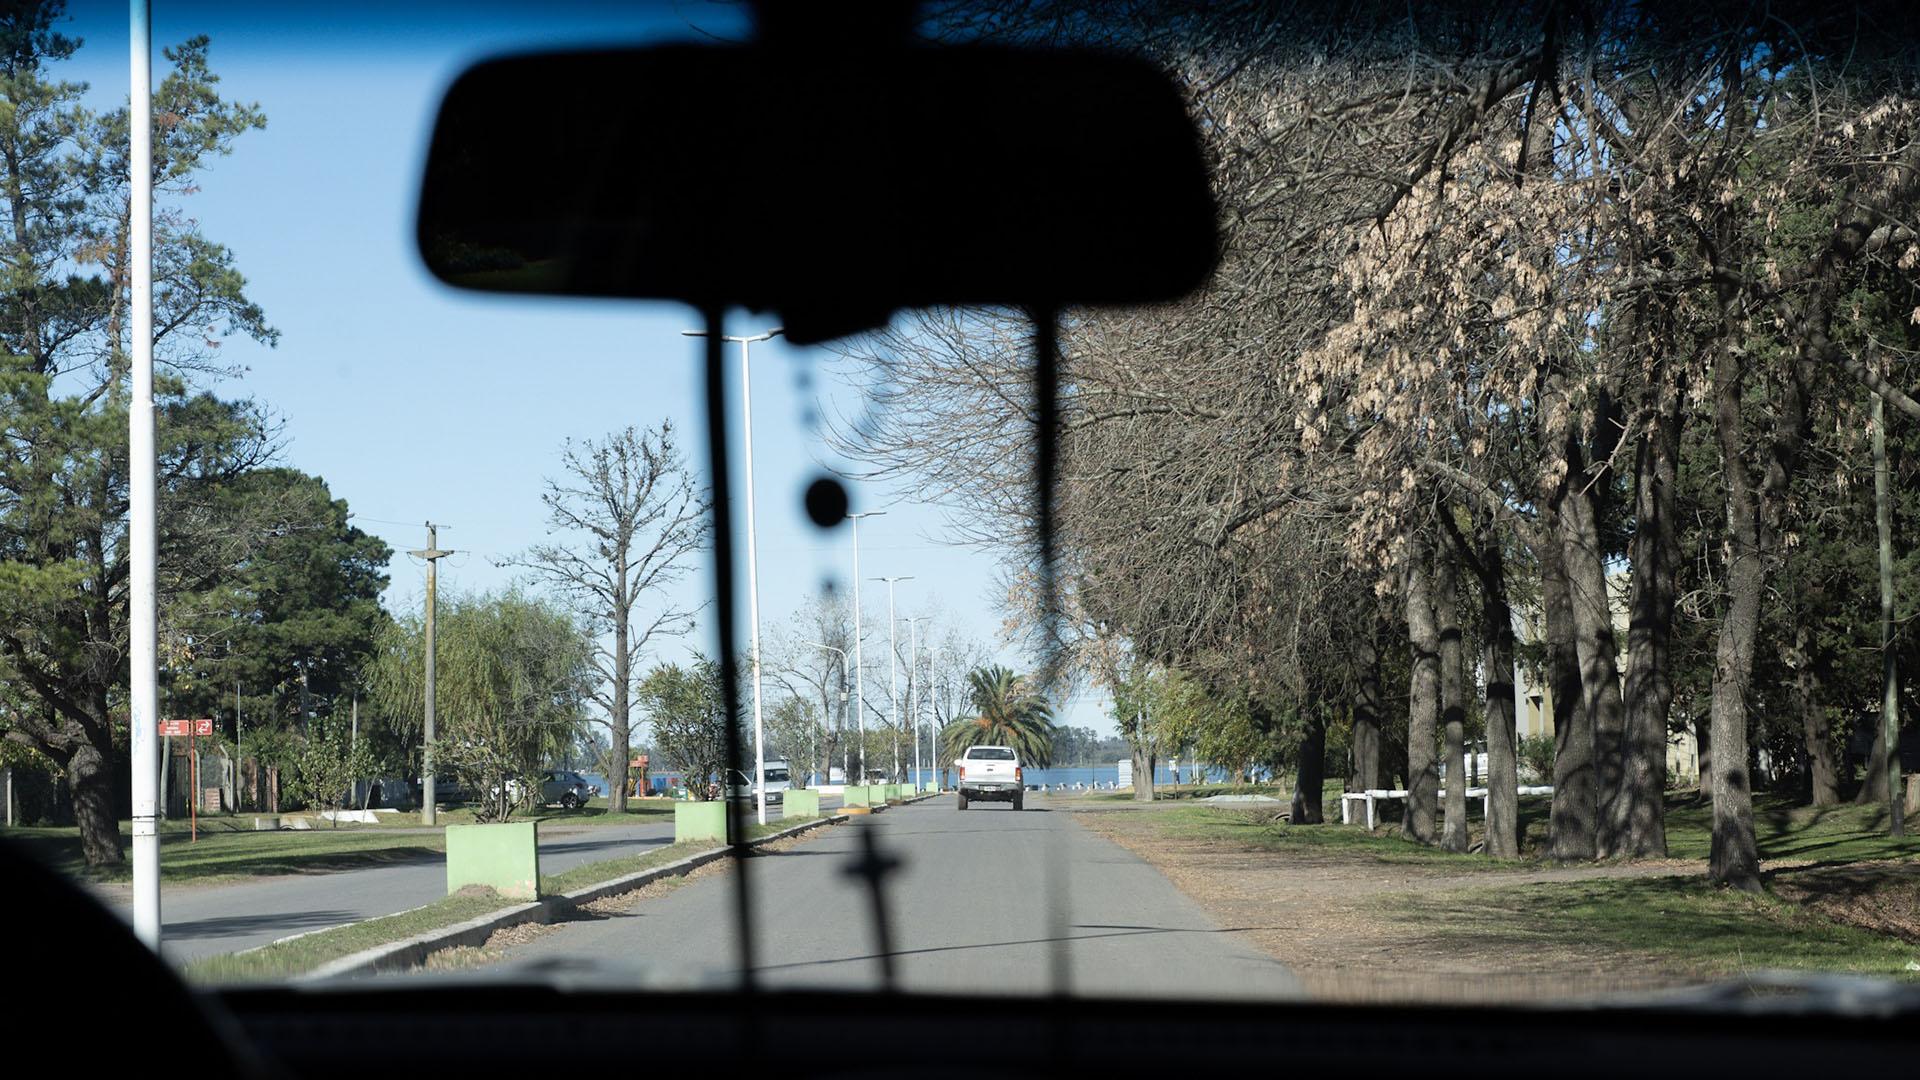 La avenida Almirante Brown que conecta la Ruta 3 con el paseo de la costanera. Este trayecto es el que se distingue en el video de la persecución. Los vehículos iban desde la Laguna hacia el norte